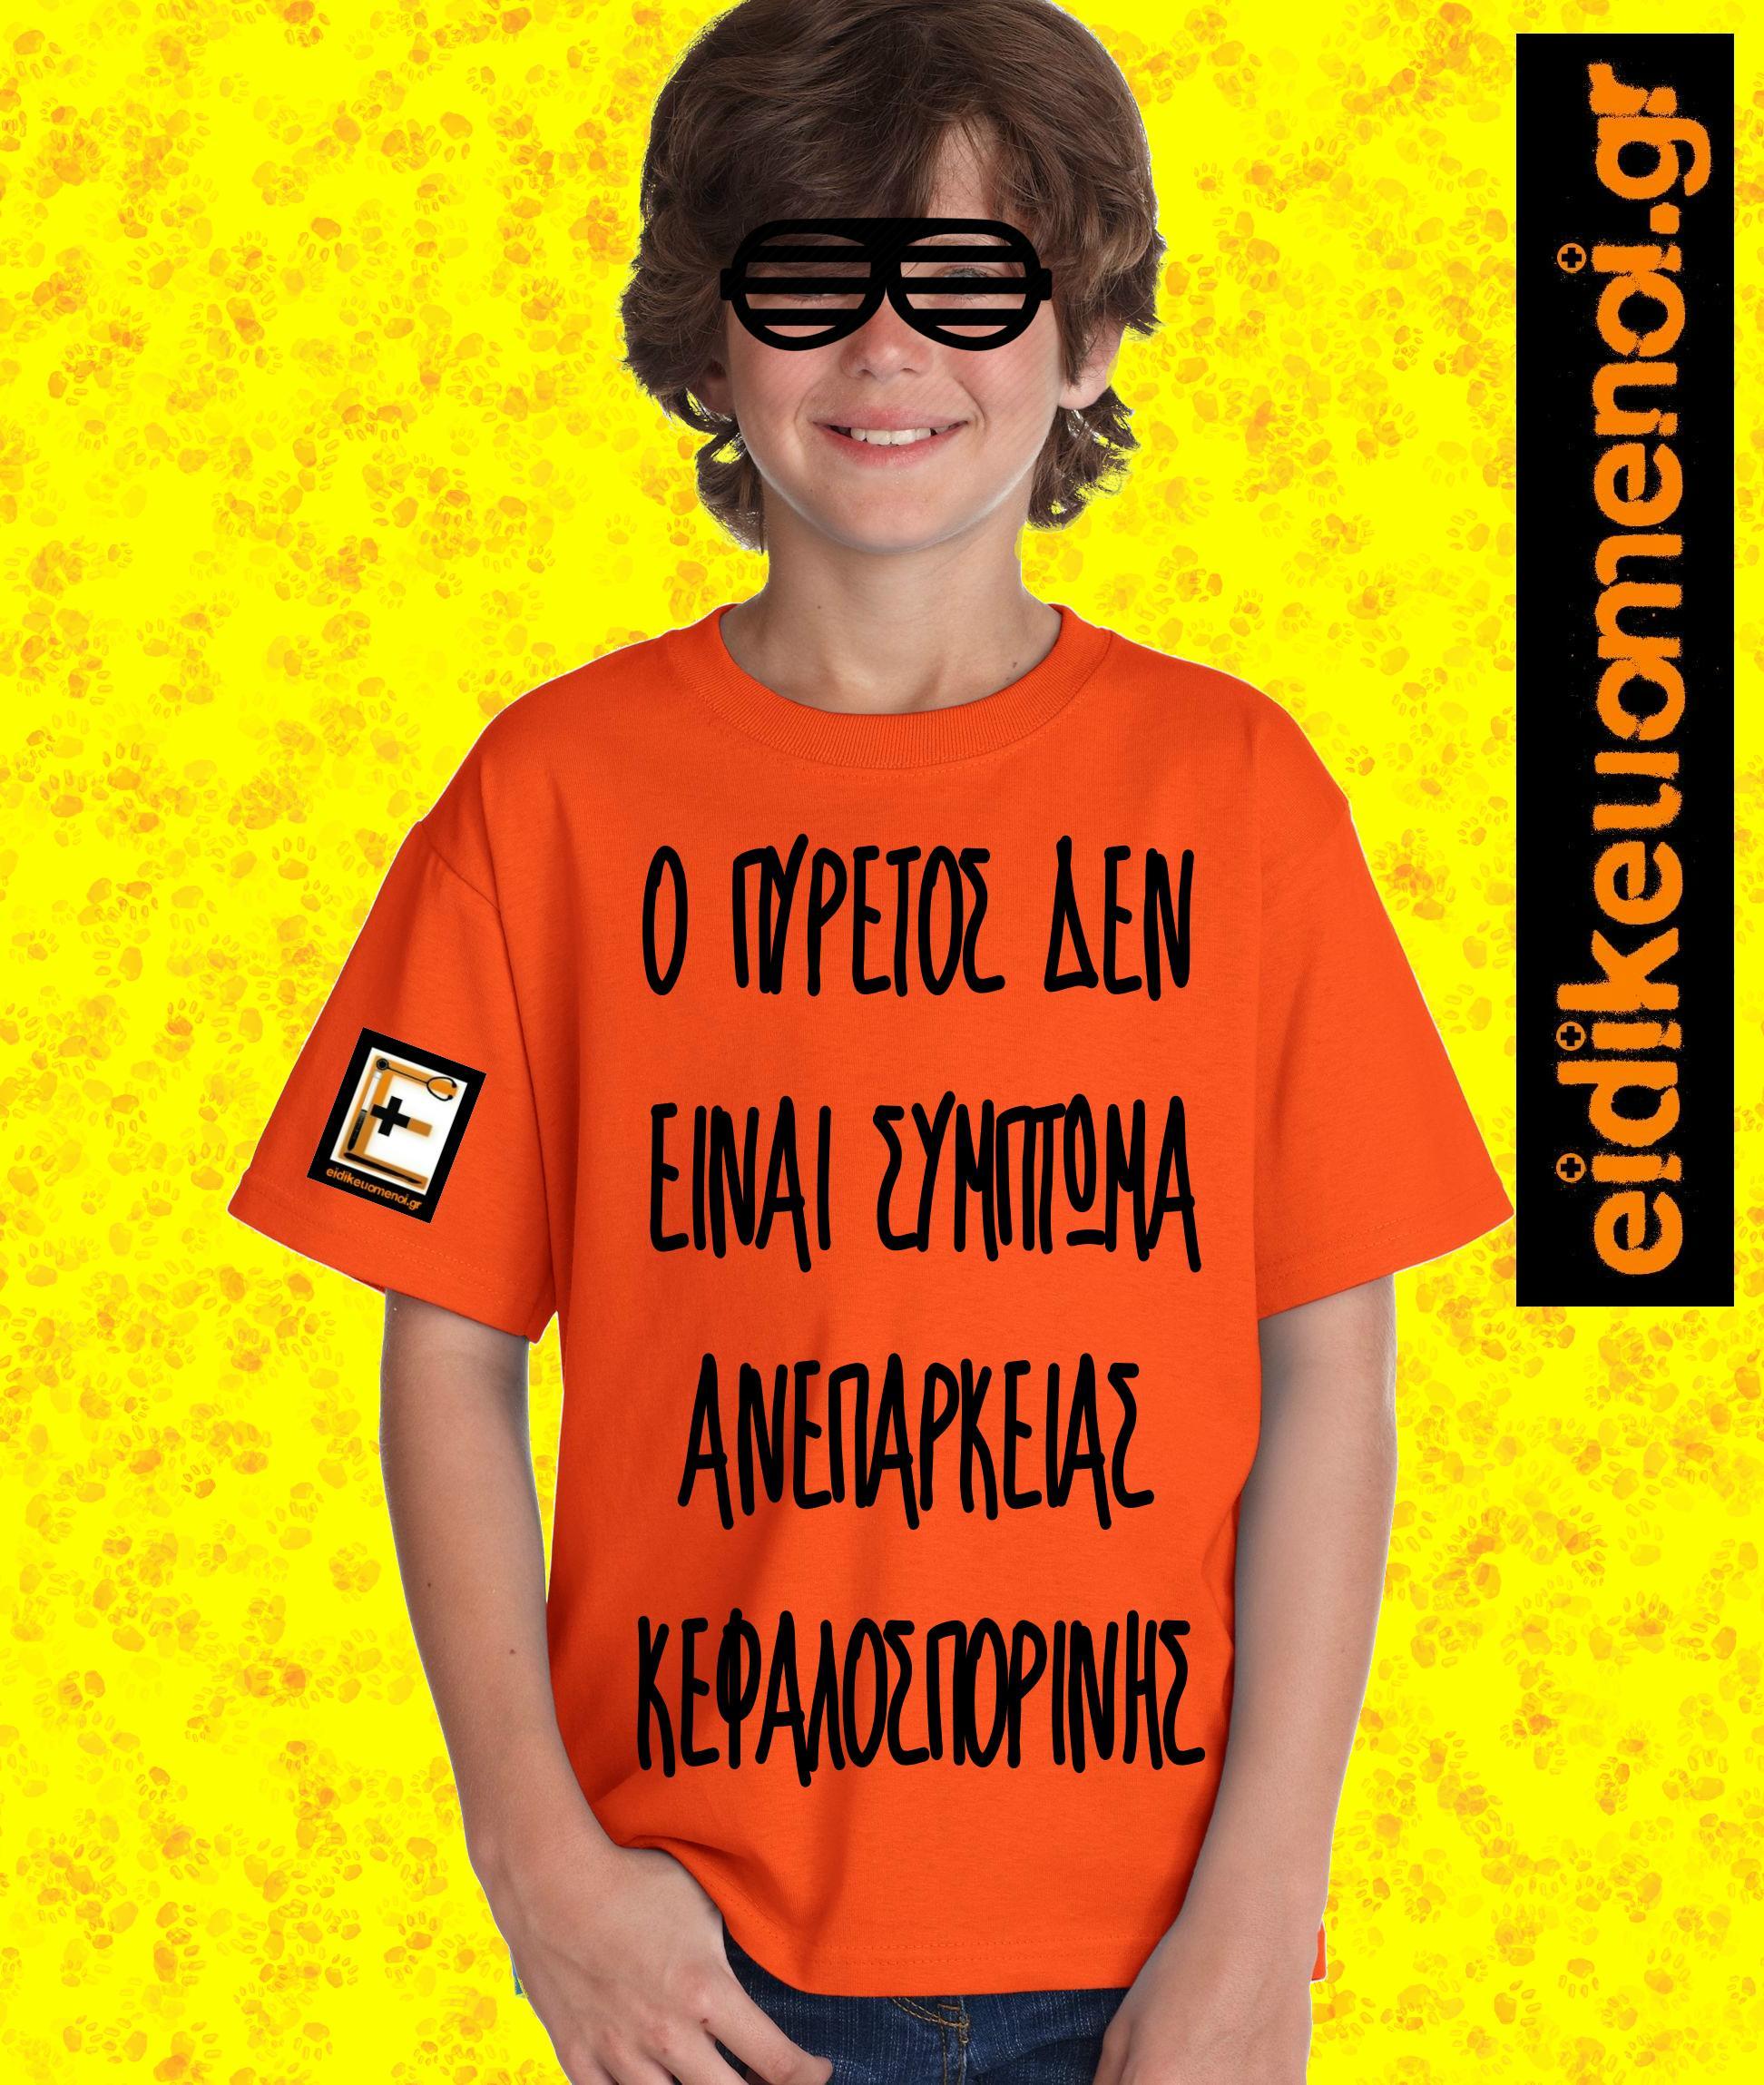 Ο πυρετός δεν είναι σύμπτωμα ανεπάρκειας κεφαλοσπορίνης. Παιδί. Παιδάκι. Μπλούζα. T-shirt